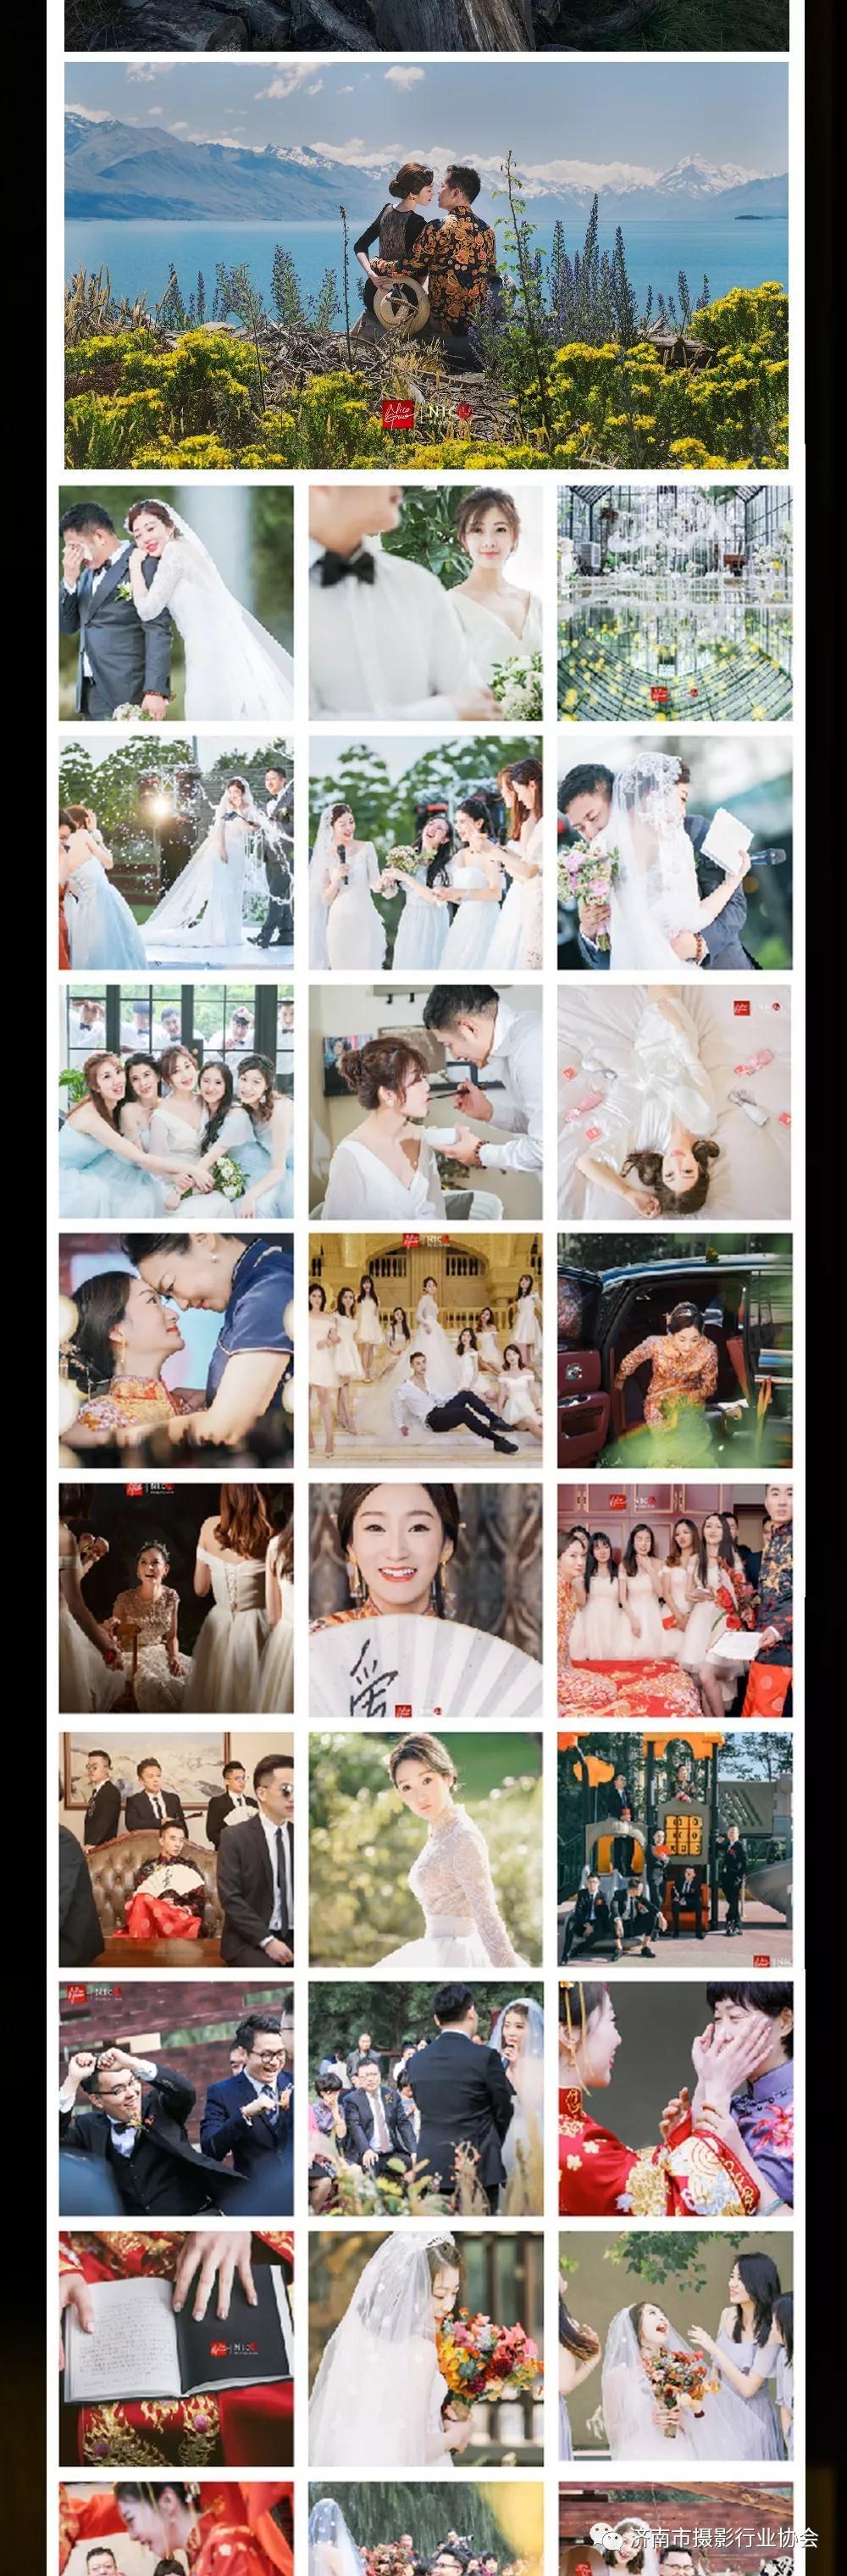 山東盛市攝影行業協會特邀頂級婚禮攝影大師郭珺蒞臨濟南